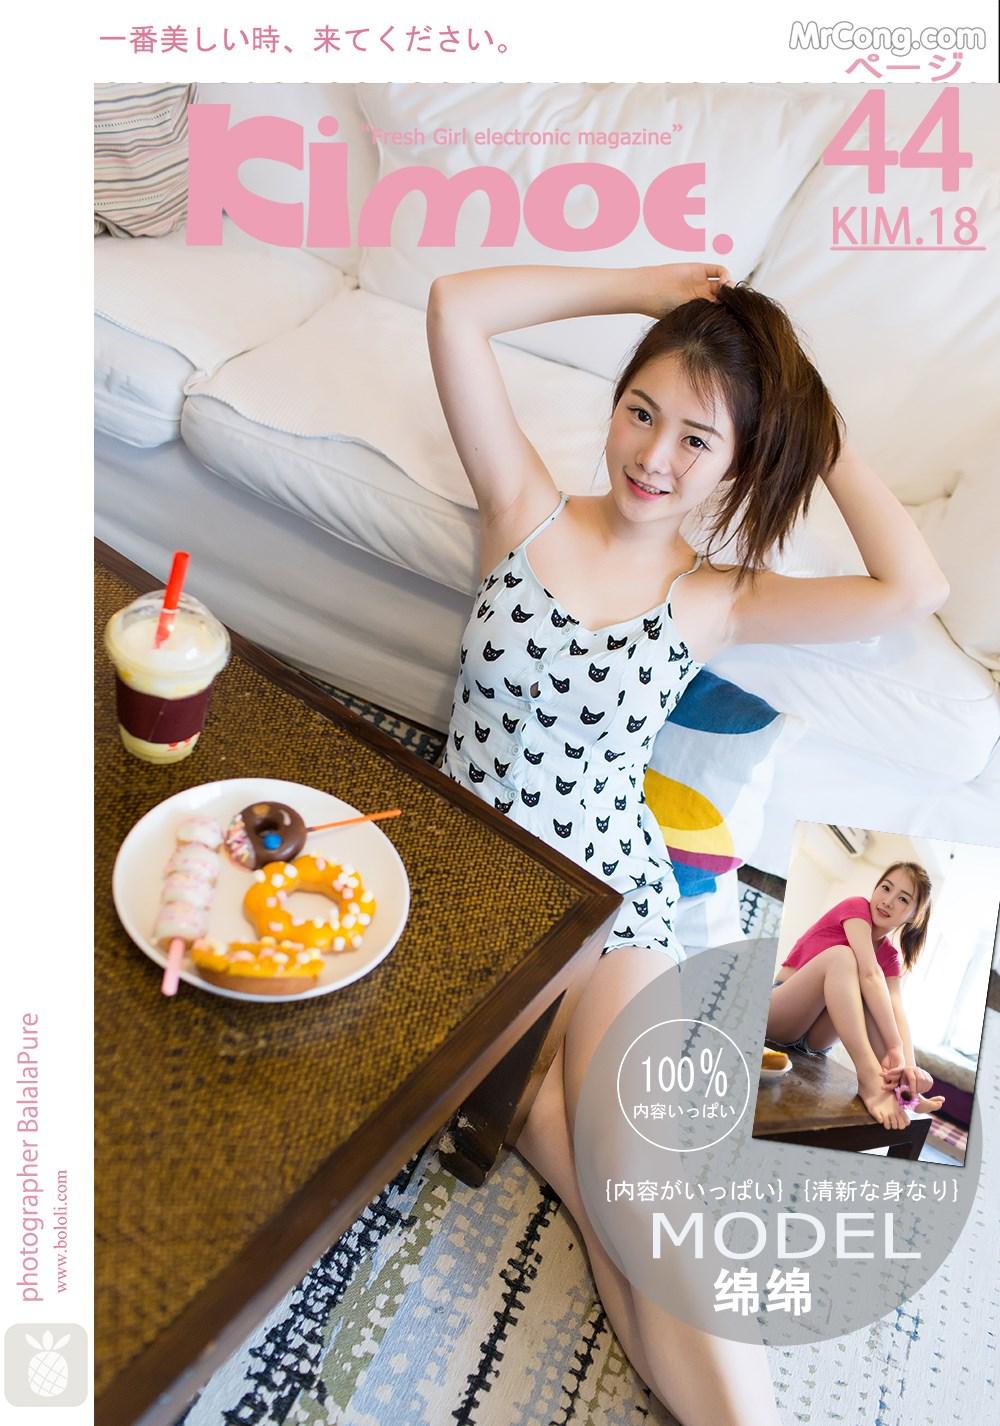 Kimoe Vol.018: Người mẫu Mian Mian (绵绵) (45 ảnh)